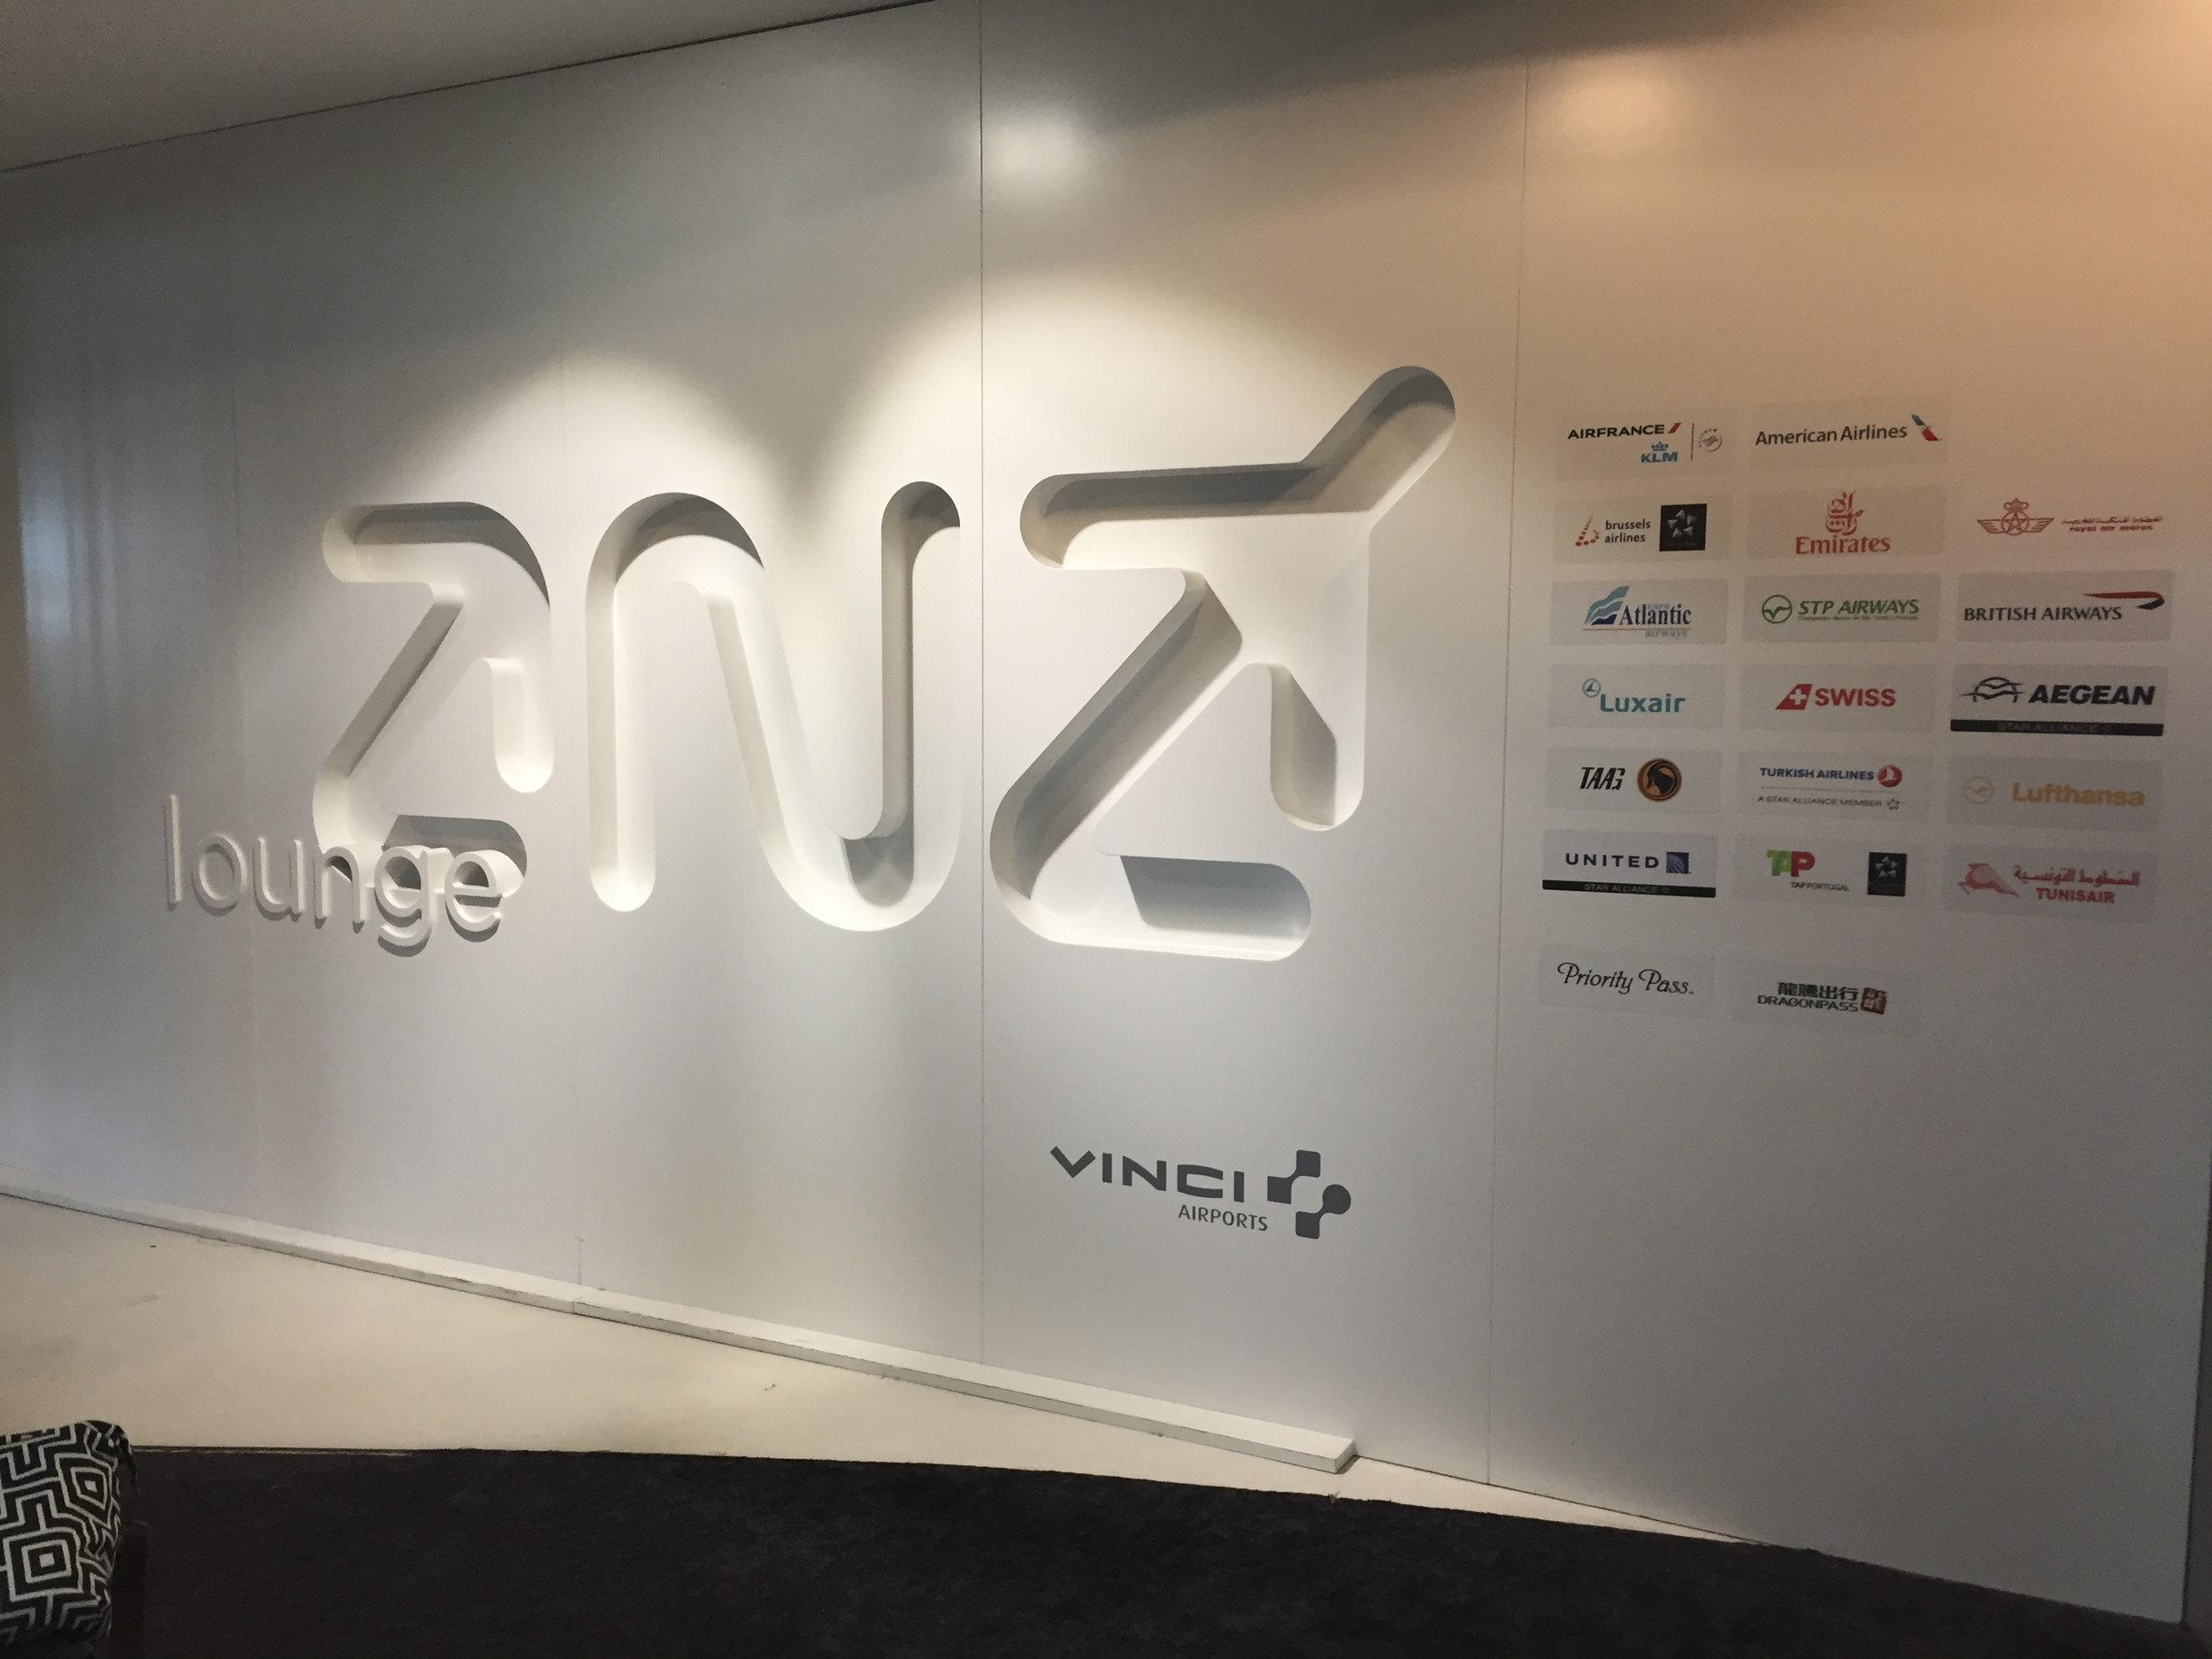 ANA Lounge Welcome